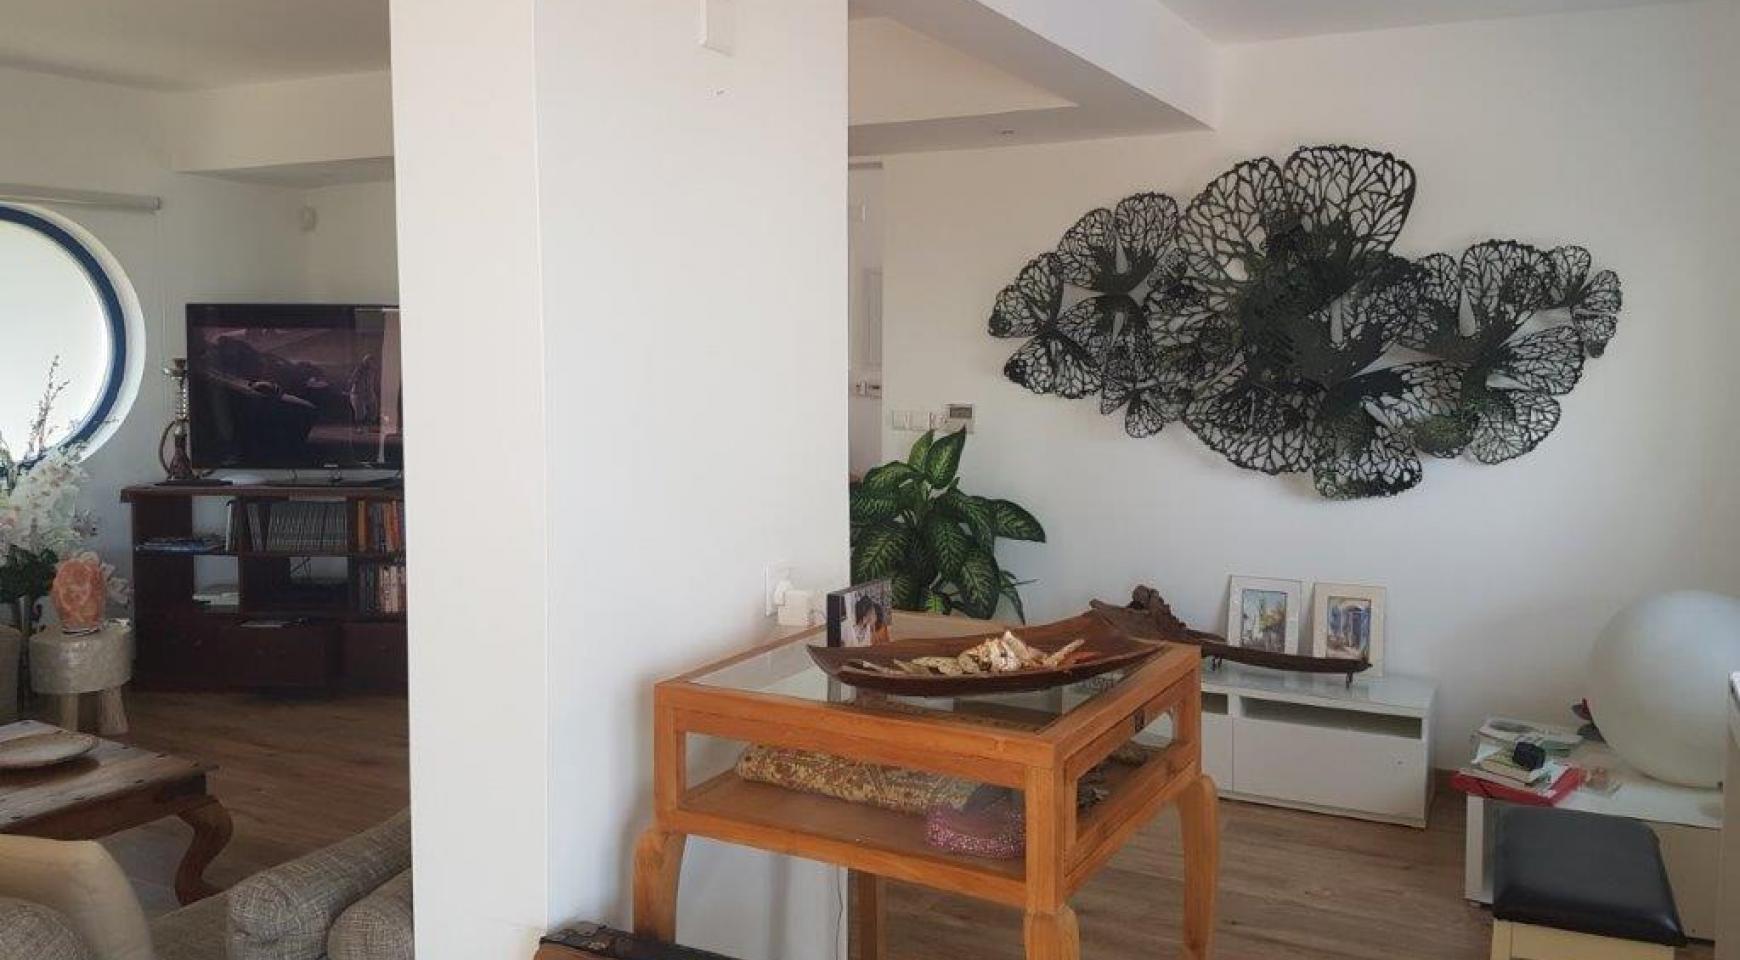 5 Bedroom Villa with Sea Views in Agios Tychonas Area - 14